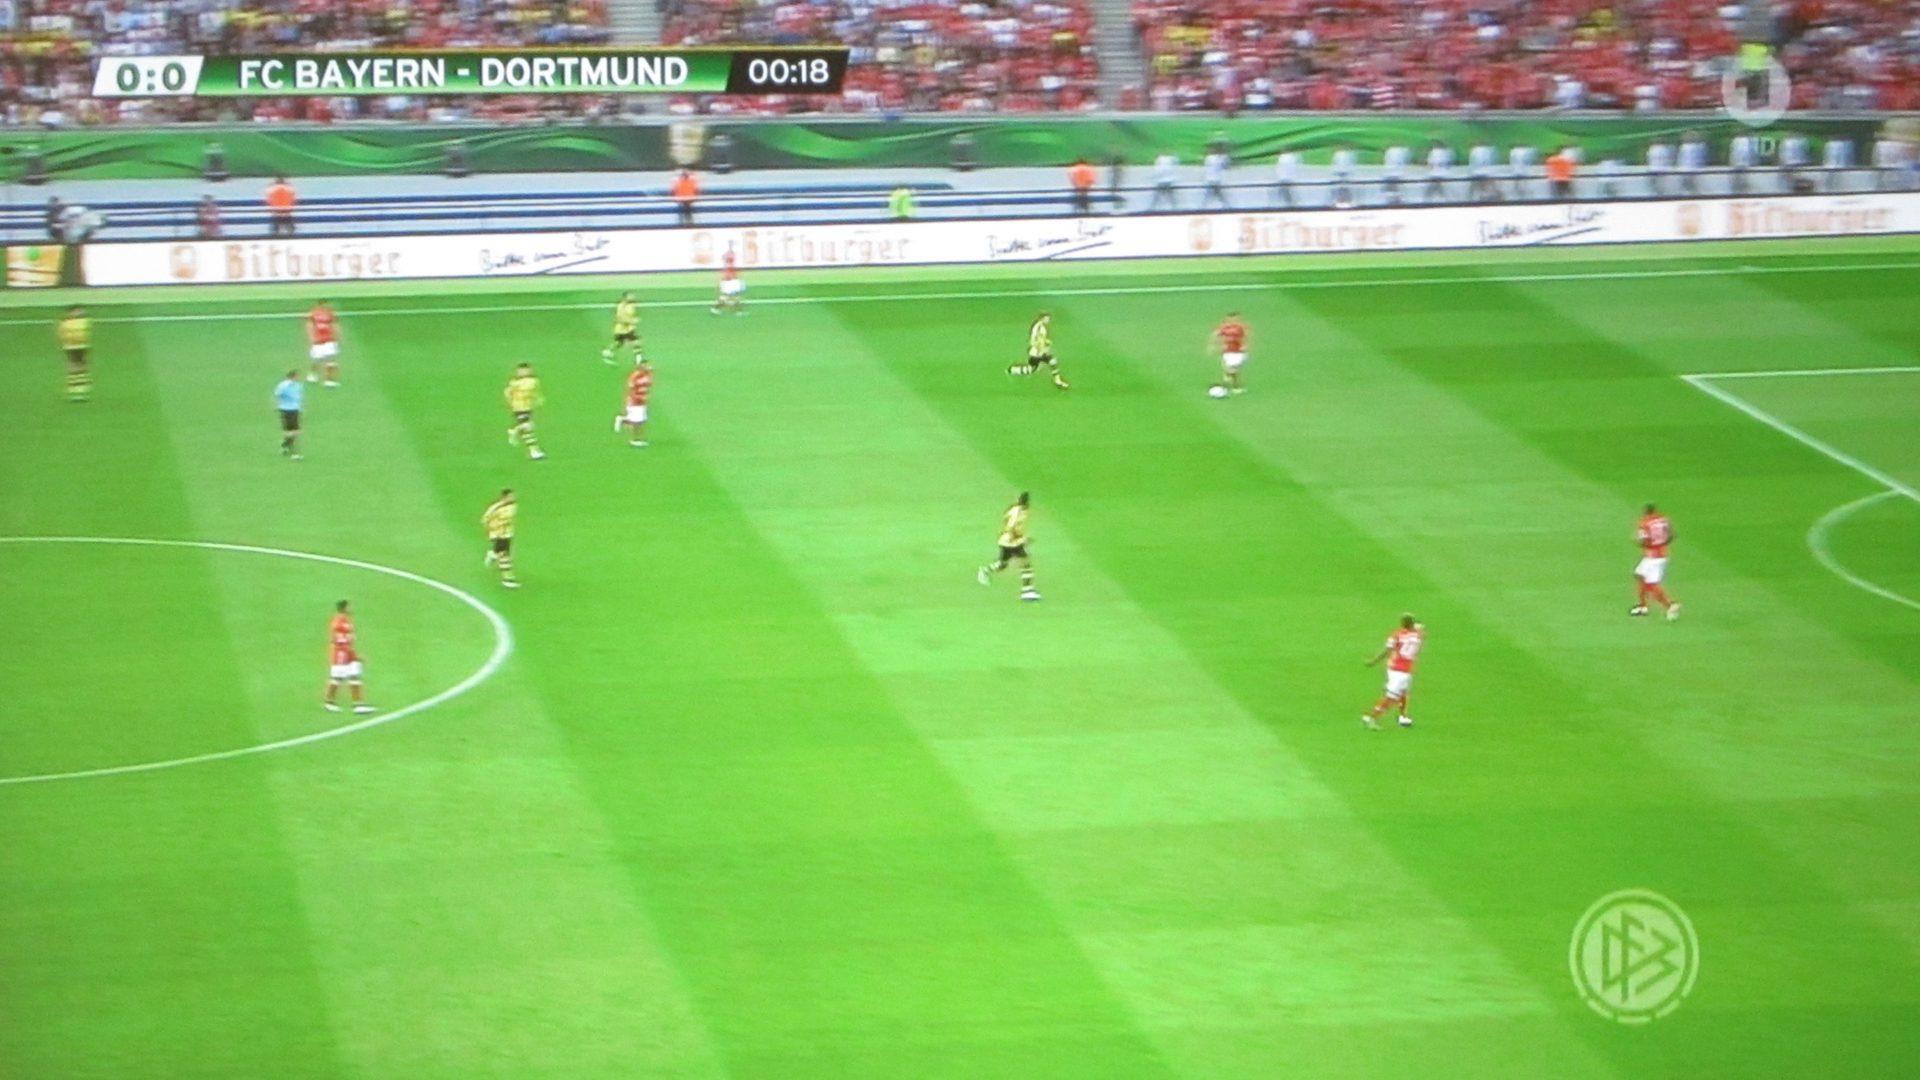 BenQ- W1110S – DFB Finale in der 18 Minute (~20:35h)